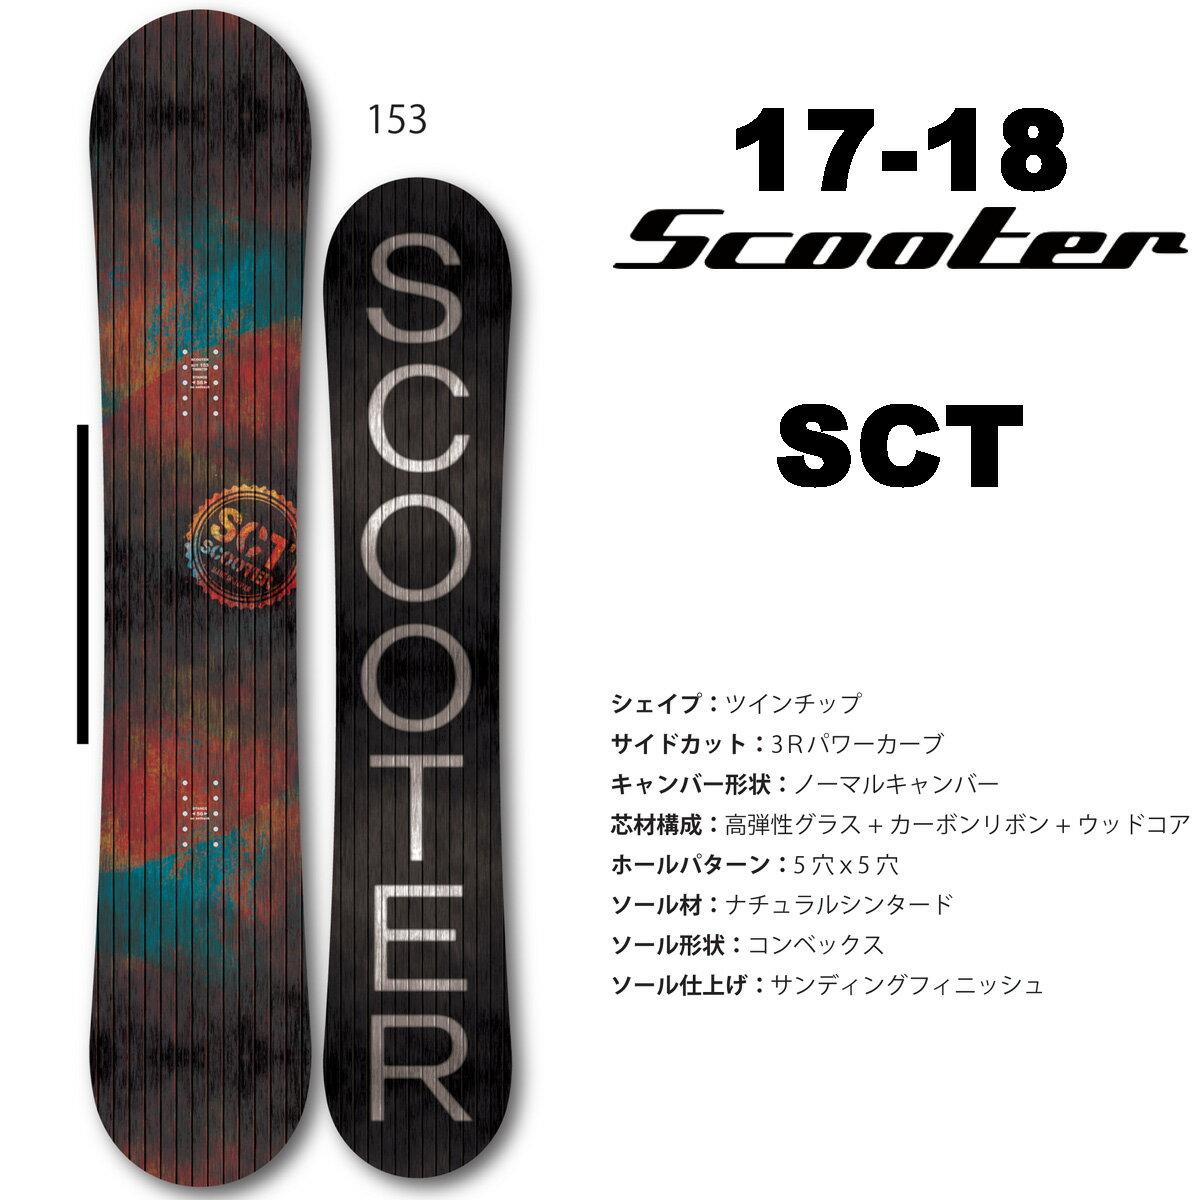 17-18 SCOOTER SCT/17-18 スクーター SCT/SCOOTER キャンバー/SCOOTER スノーボード/スクーター スノーボード/エスシーティー/151/153